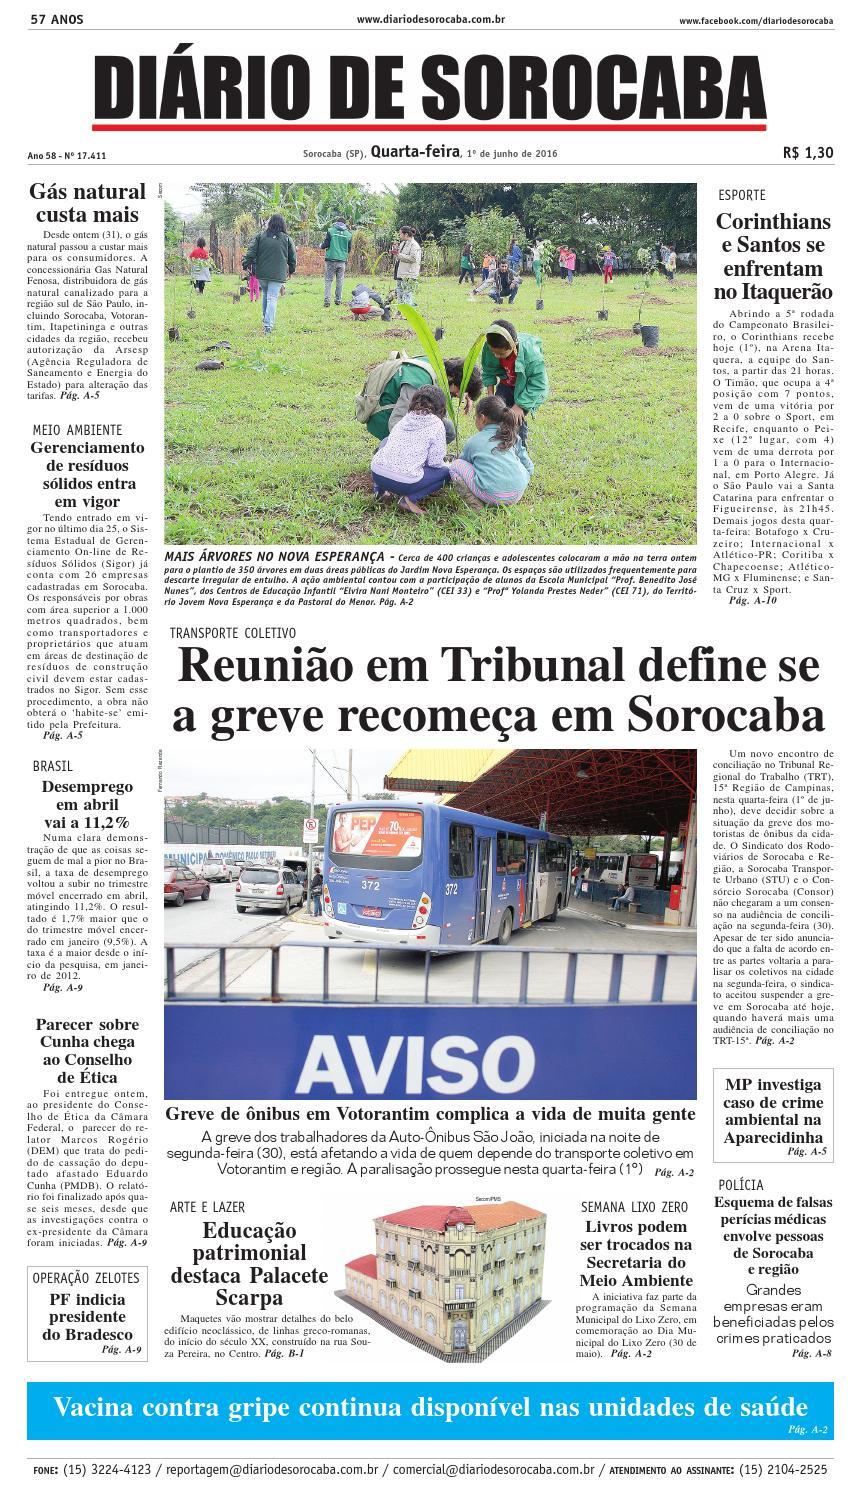 Edição de 1° de junho de 2016 by DIÁRIO DE SOROCABA - issuu 2e2ab6968258d